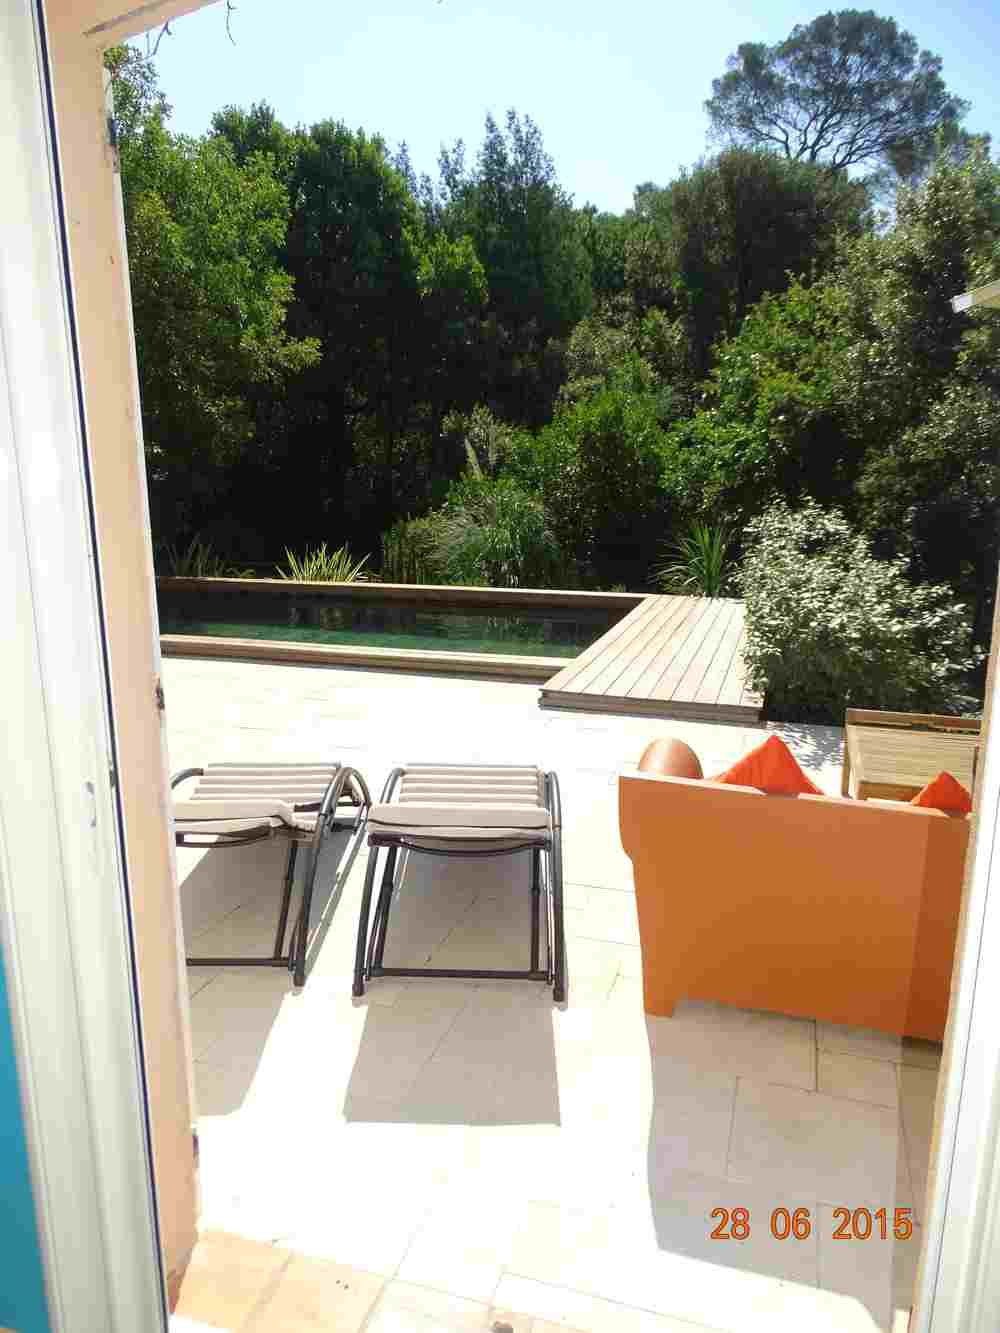 Maison vacances louer var avec piscine fr jus for Piscine saint raphael